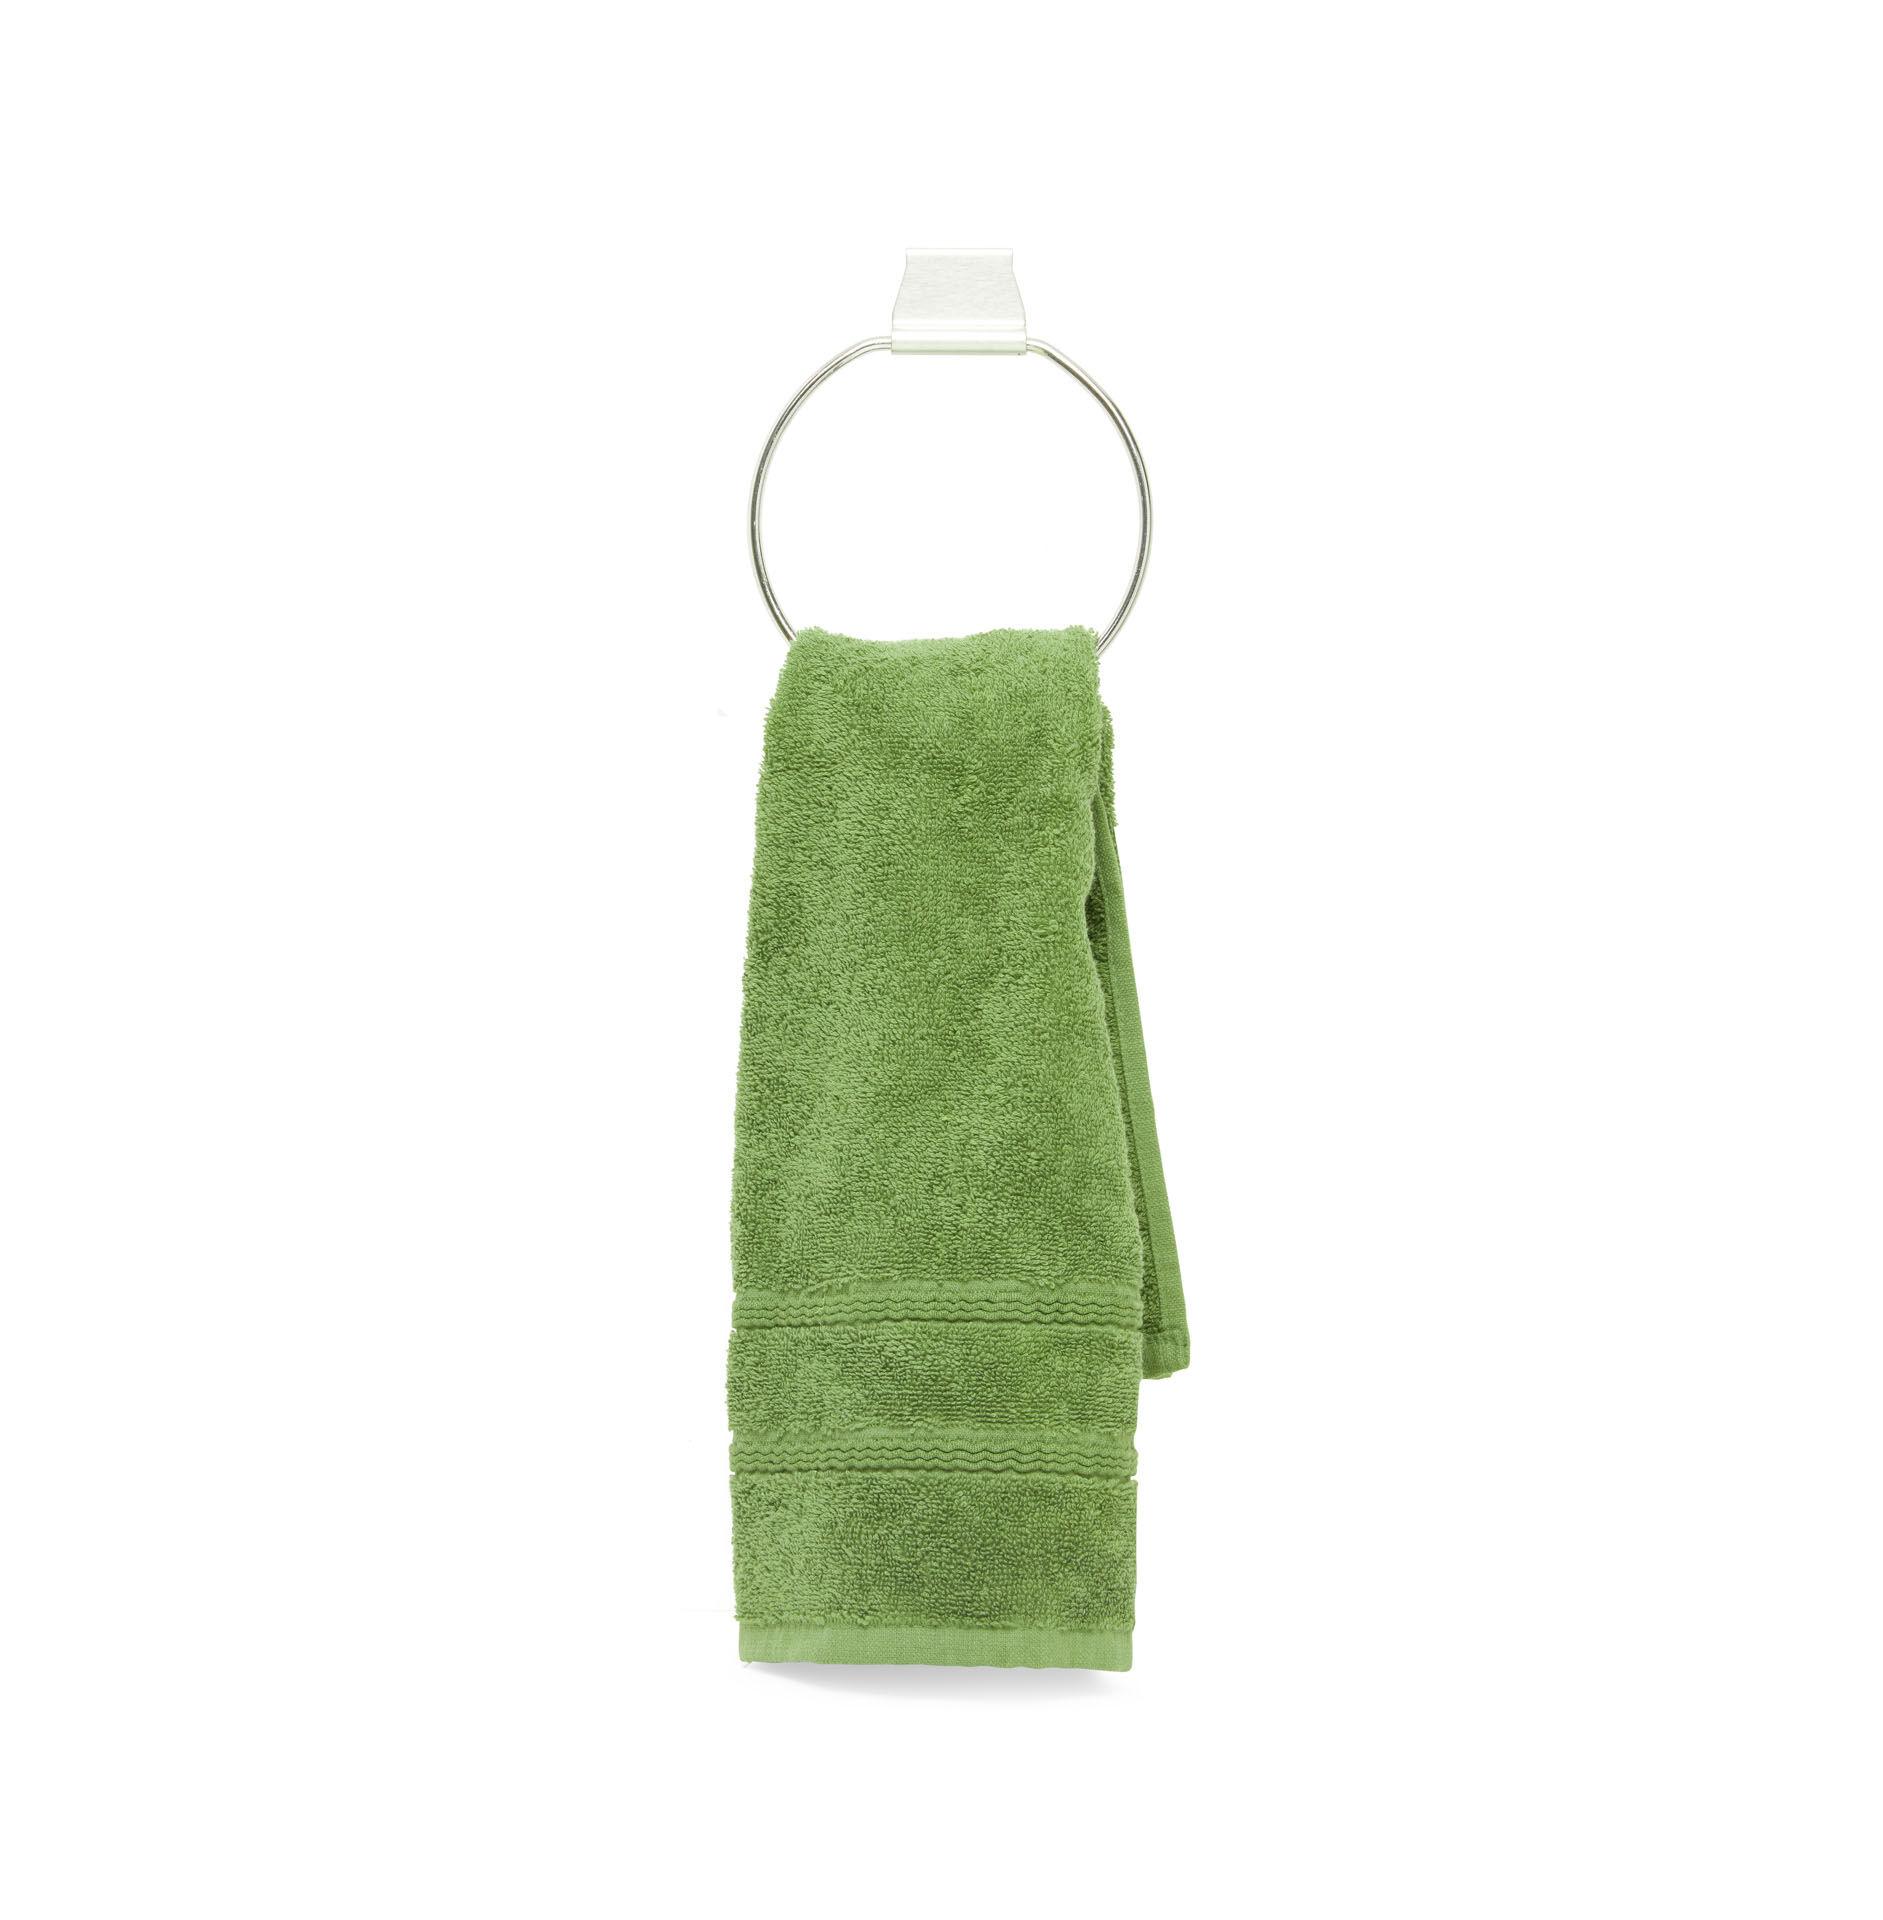 Anneau porte-serviettes pour porte, , large